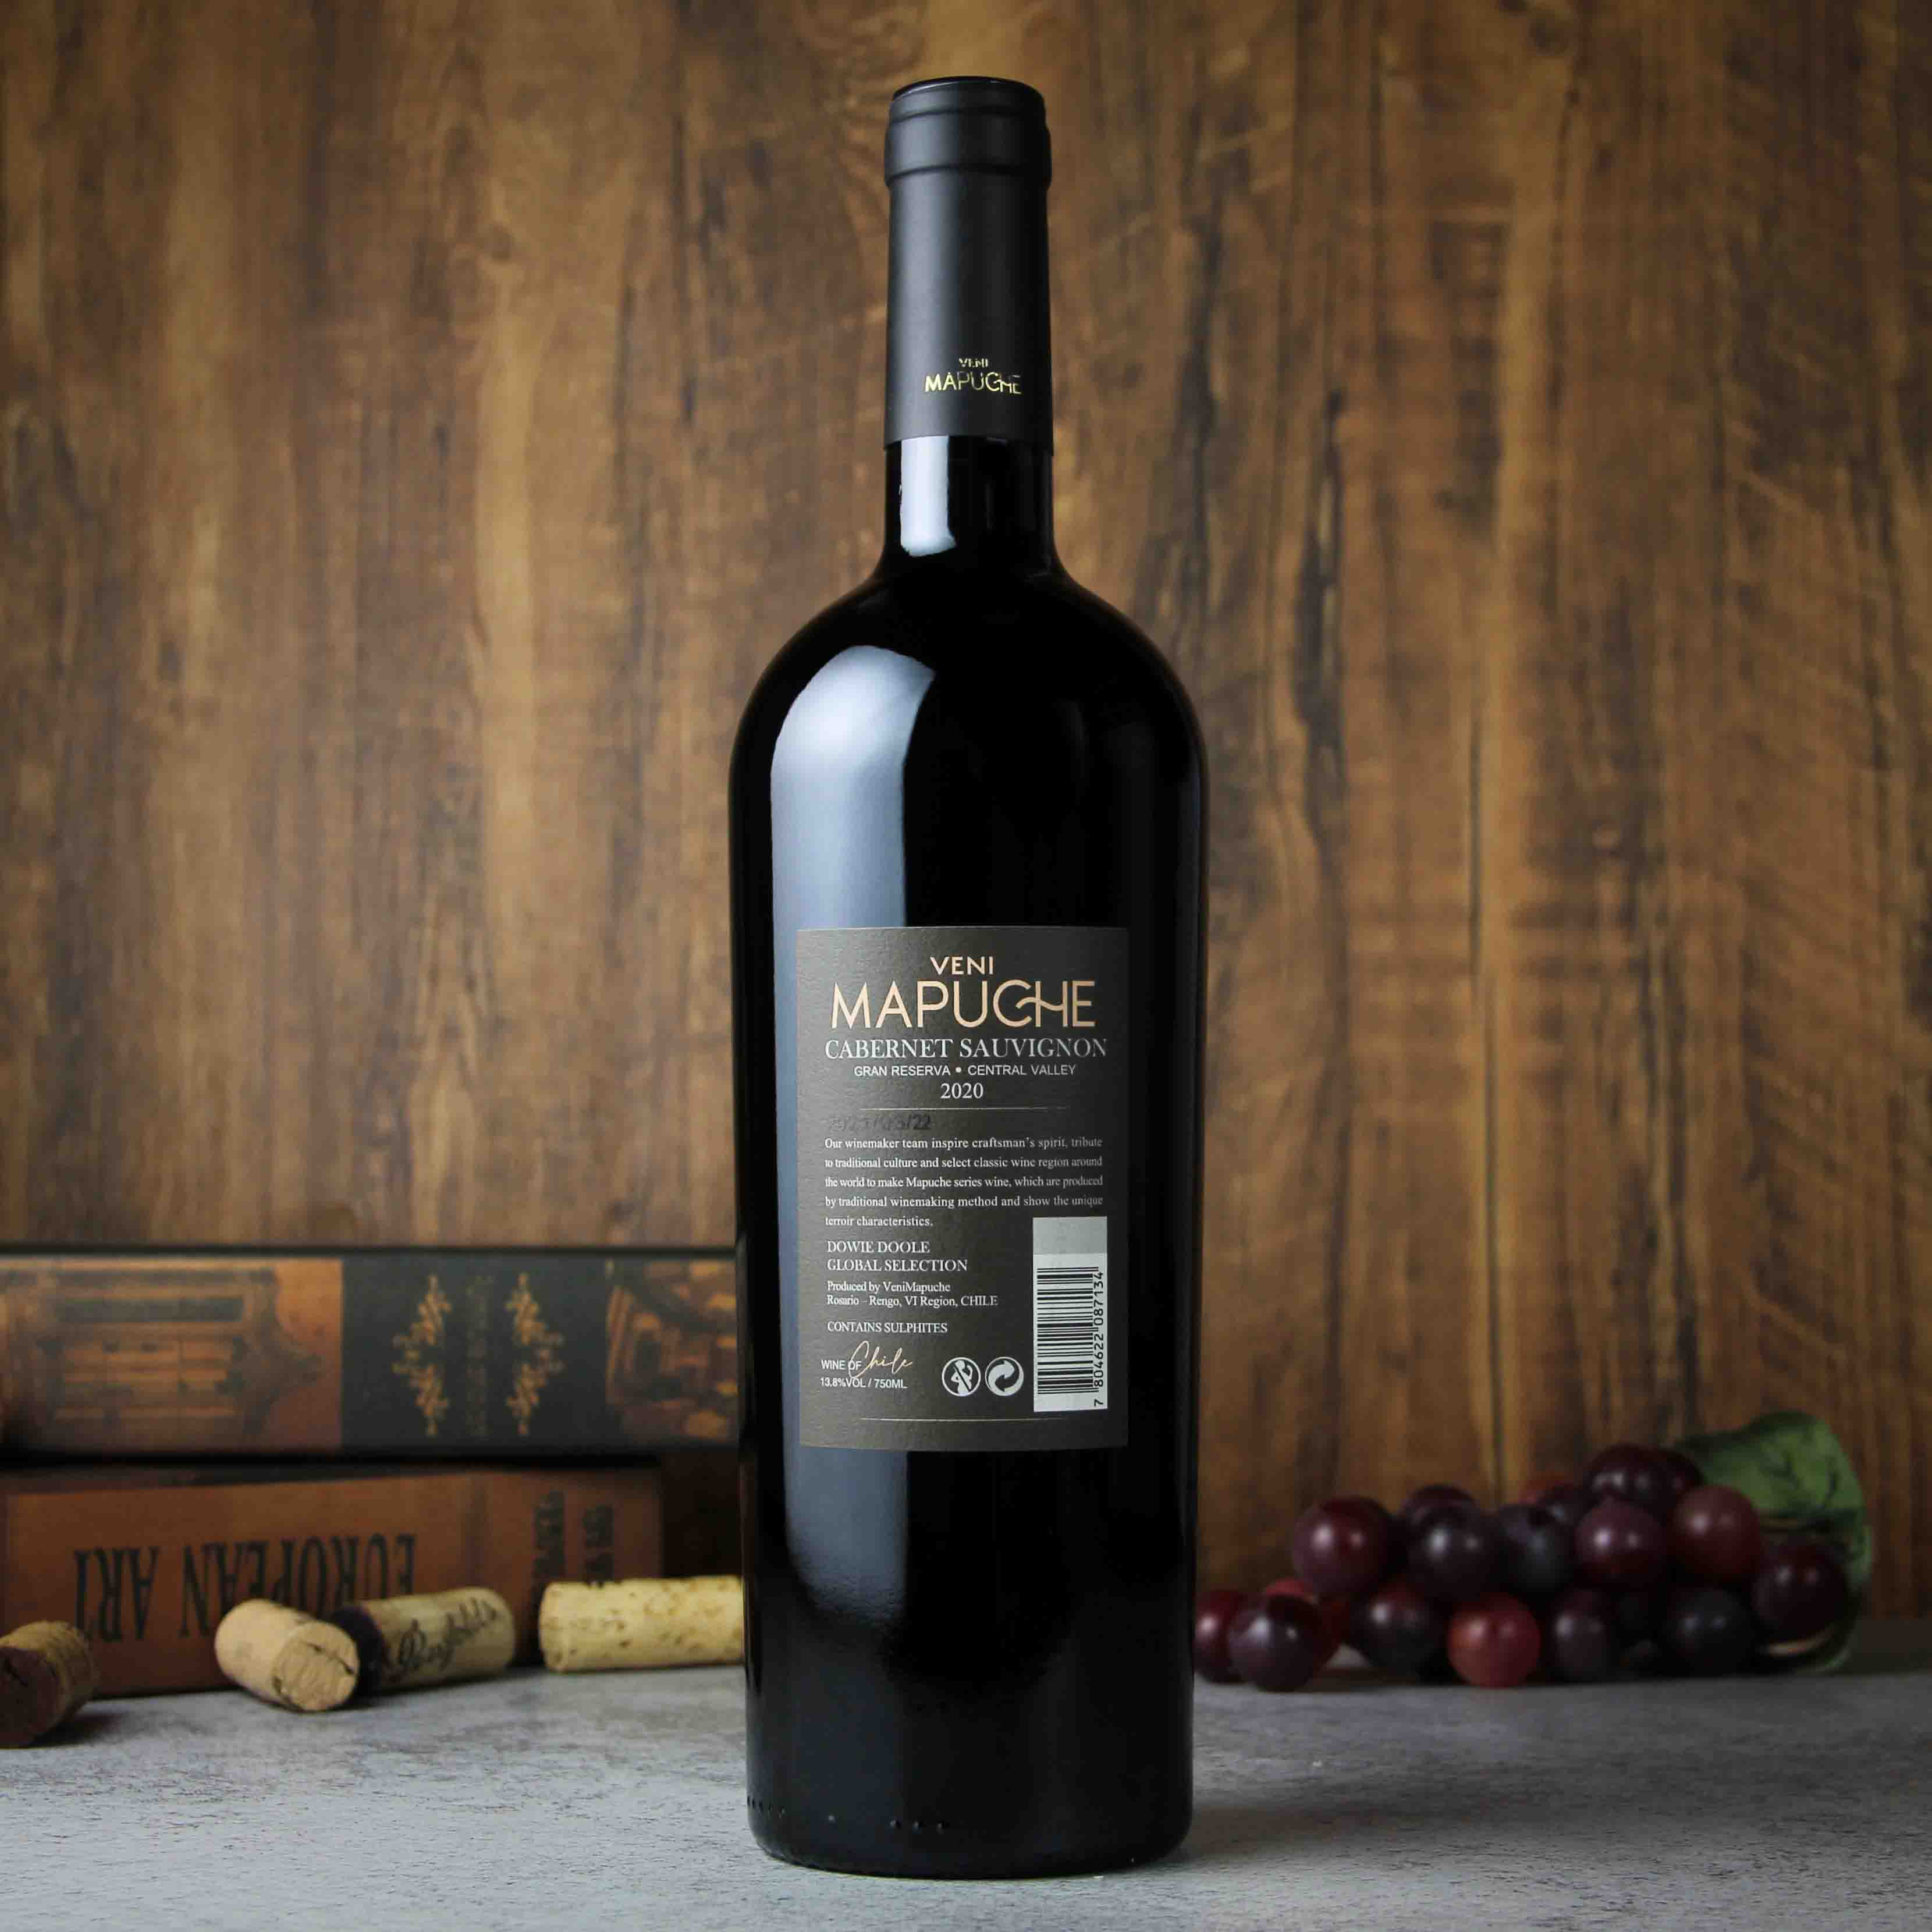 智利中央山谷都度酒庄马普切神树珍藏赤霞珠红葡萄酒红酒